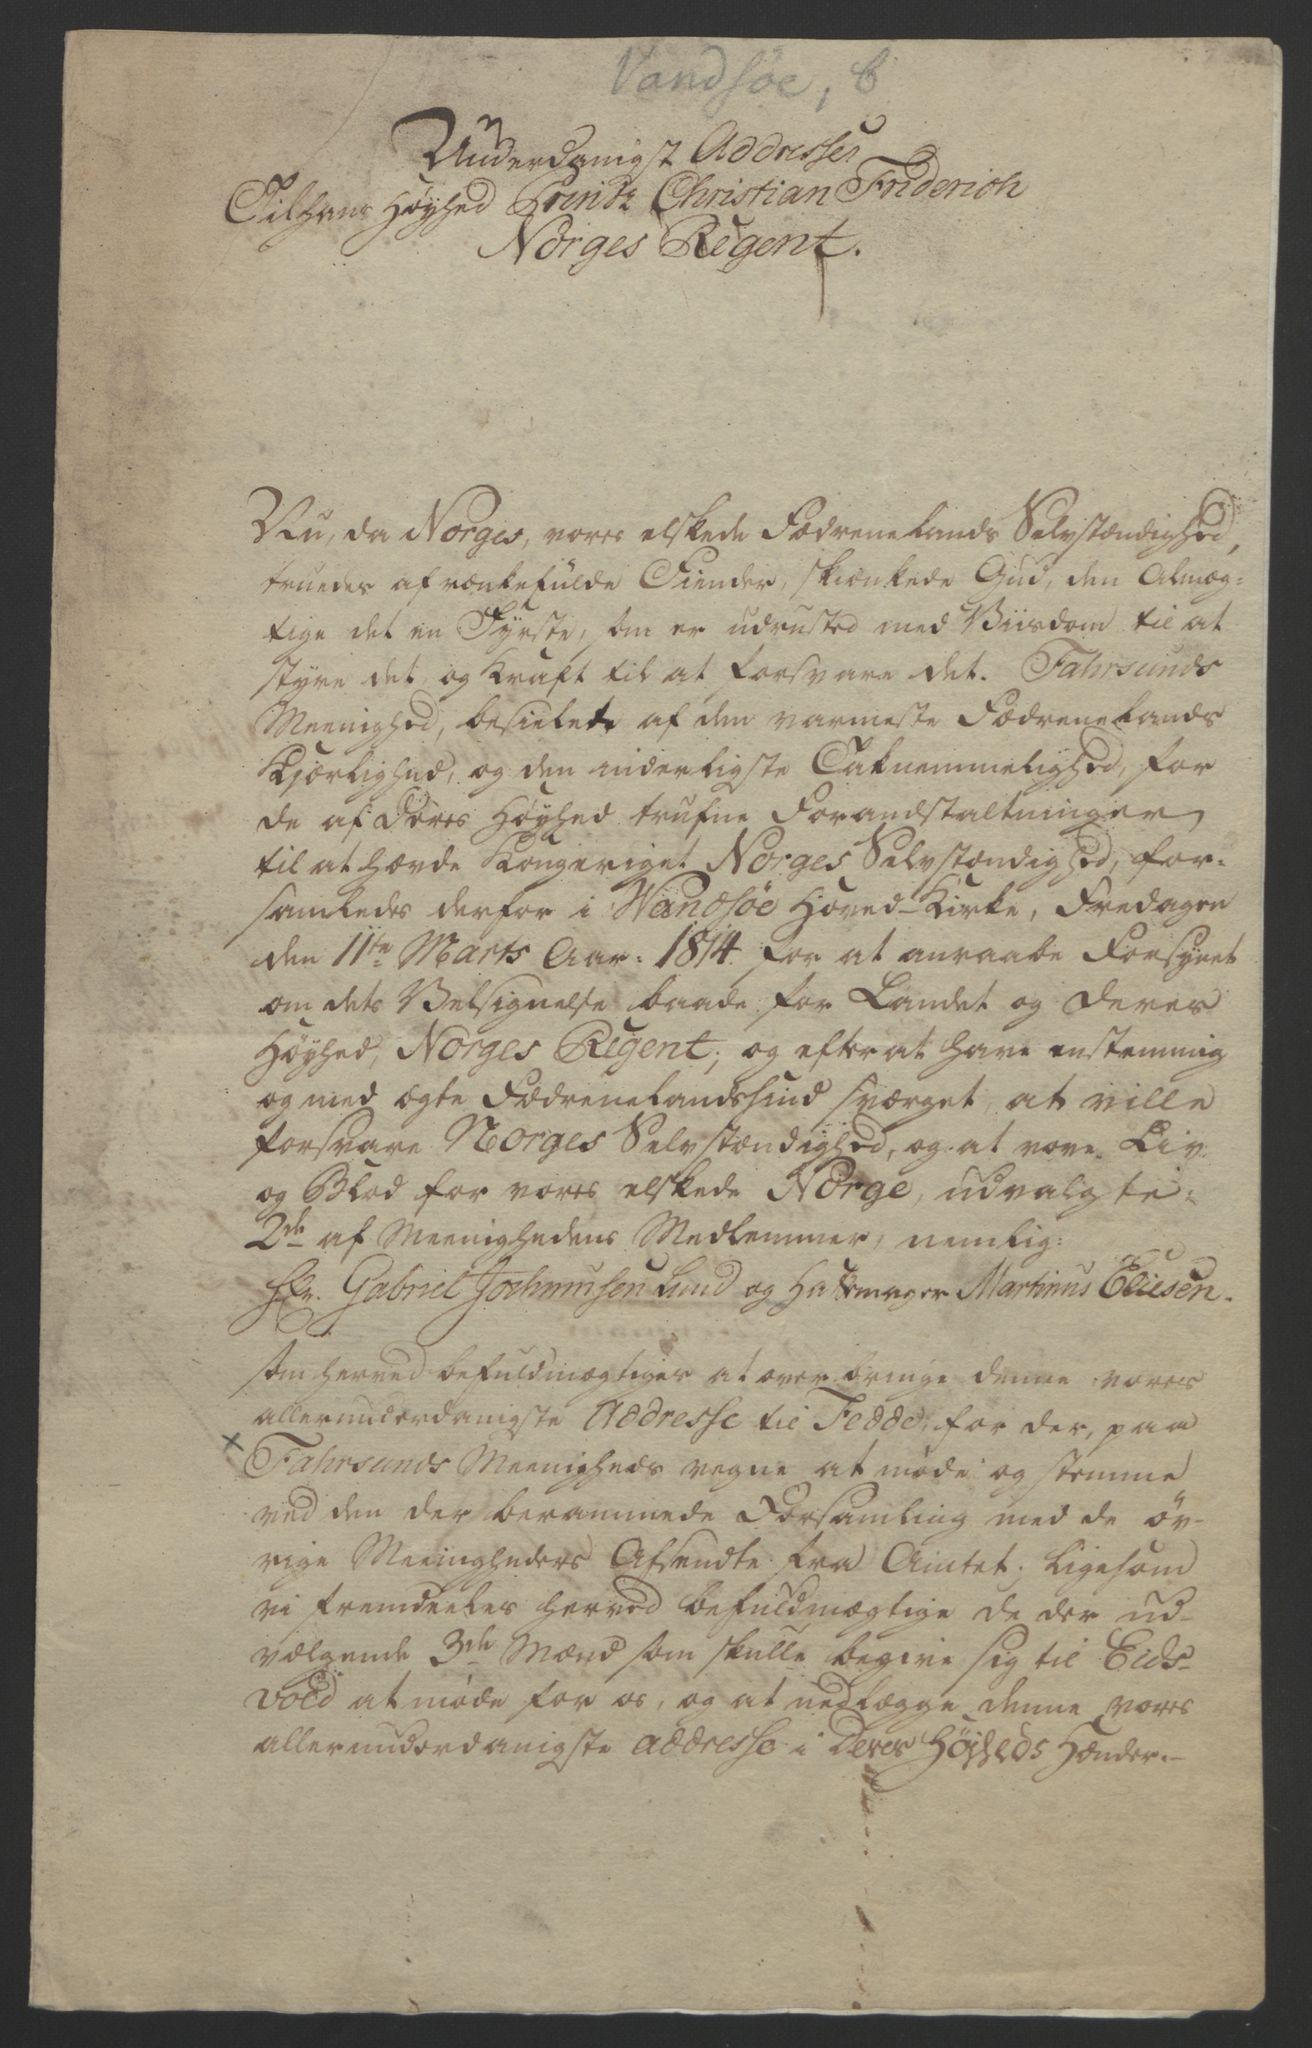 RA, Statsrådssekretariatet, D/Db/L0008: Fullmakter for Eidsvollsrepresentantene i 1814. , 1814, s. 186